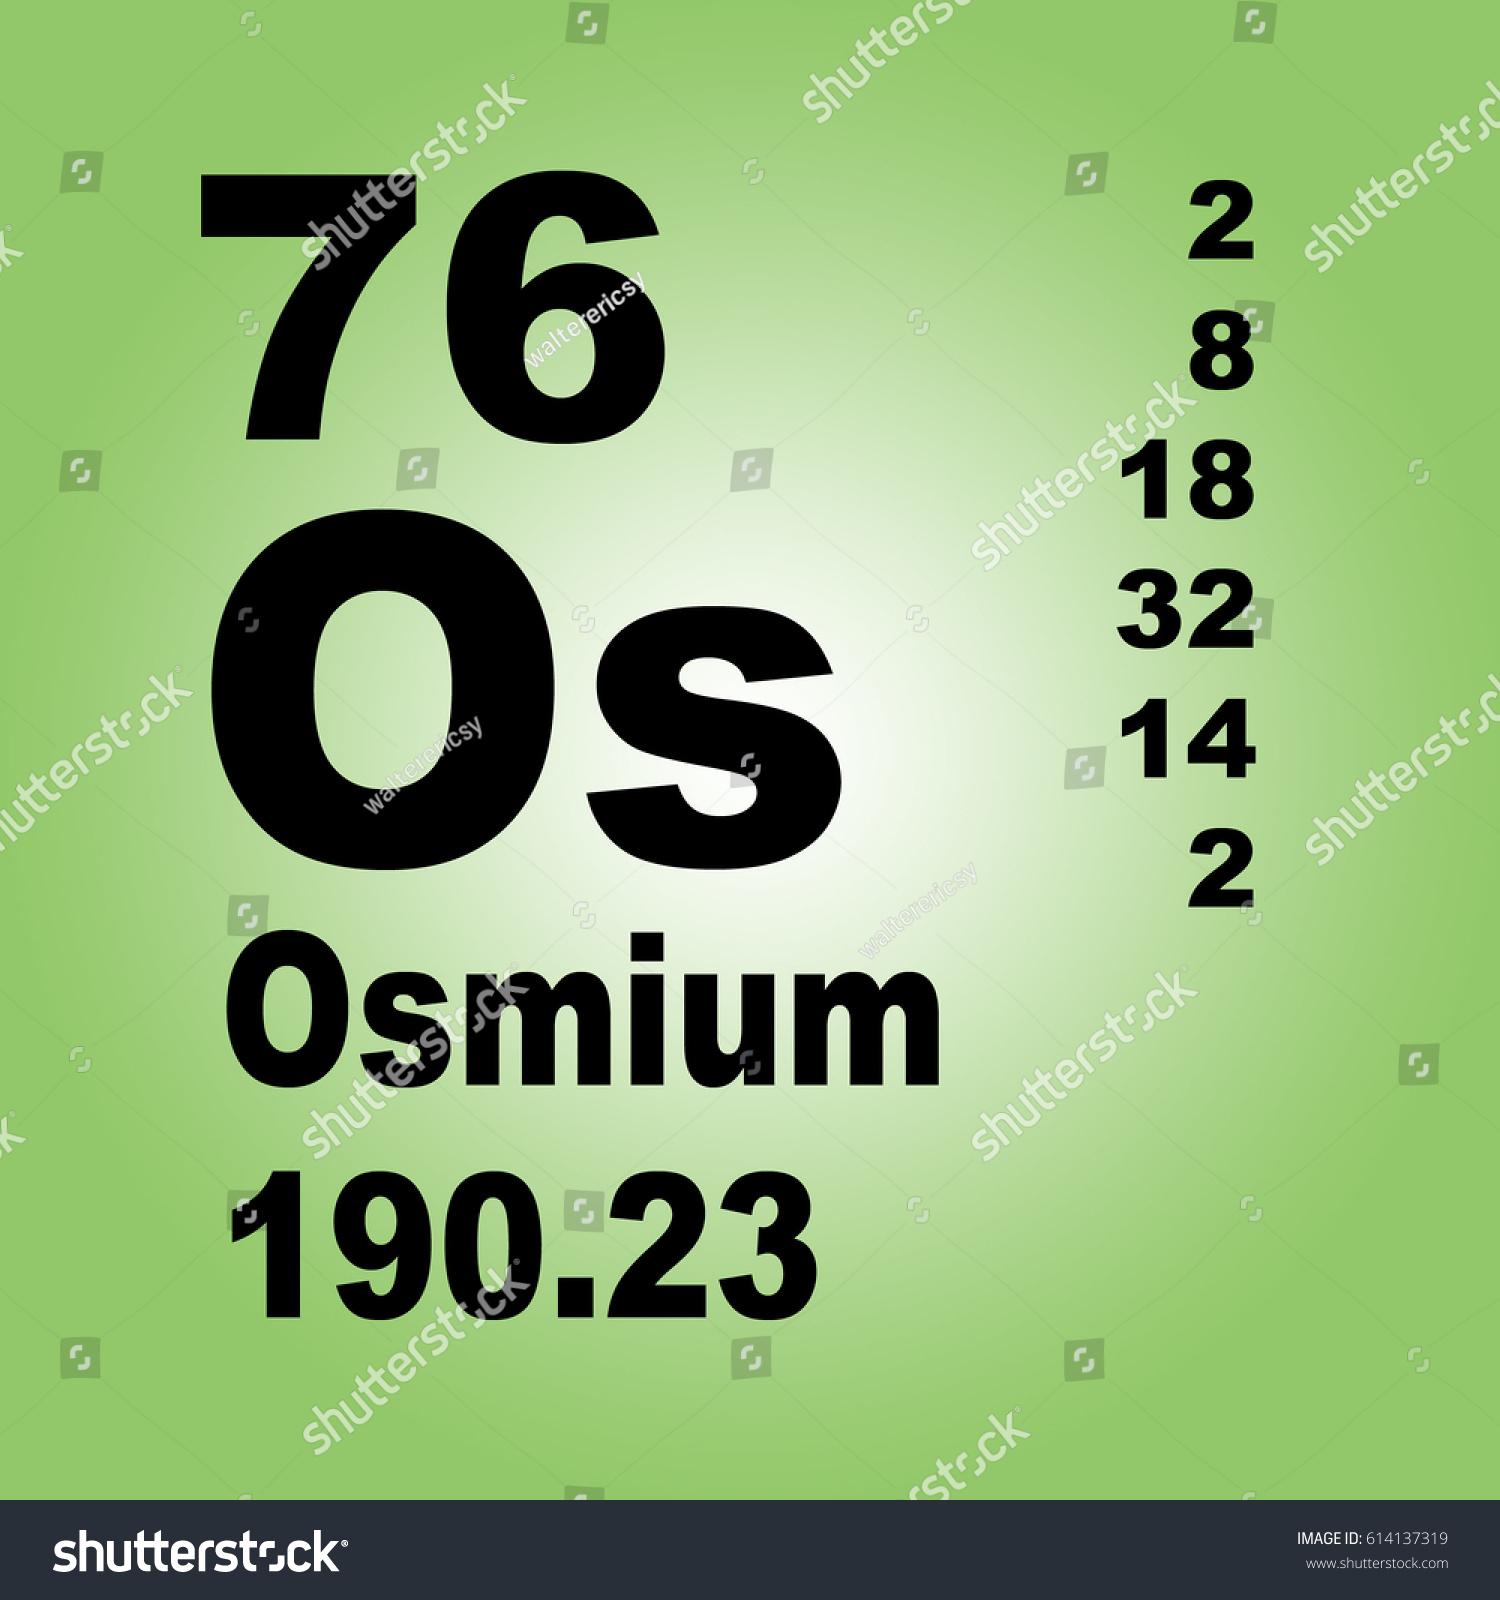 Osmium periodic table elements stock illustration 614137319 osmium periodic table of elements urtaz Images